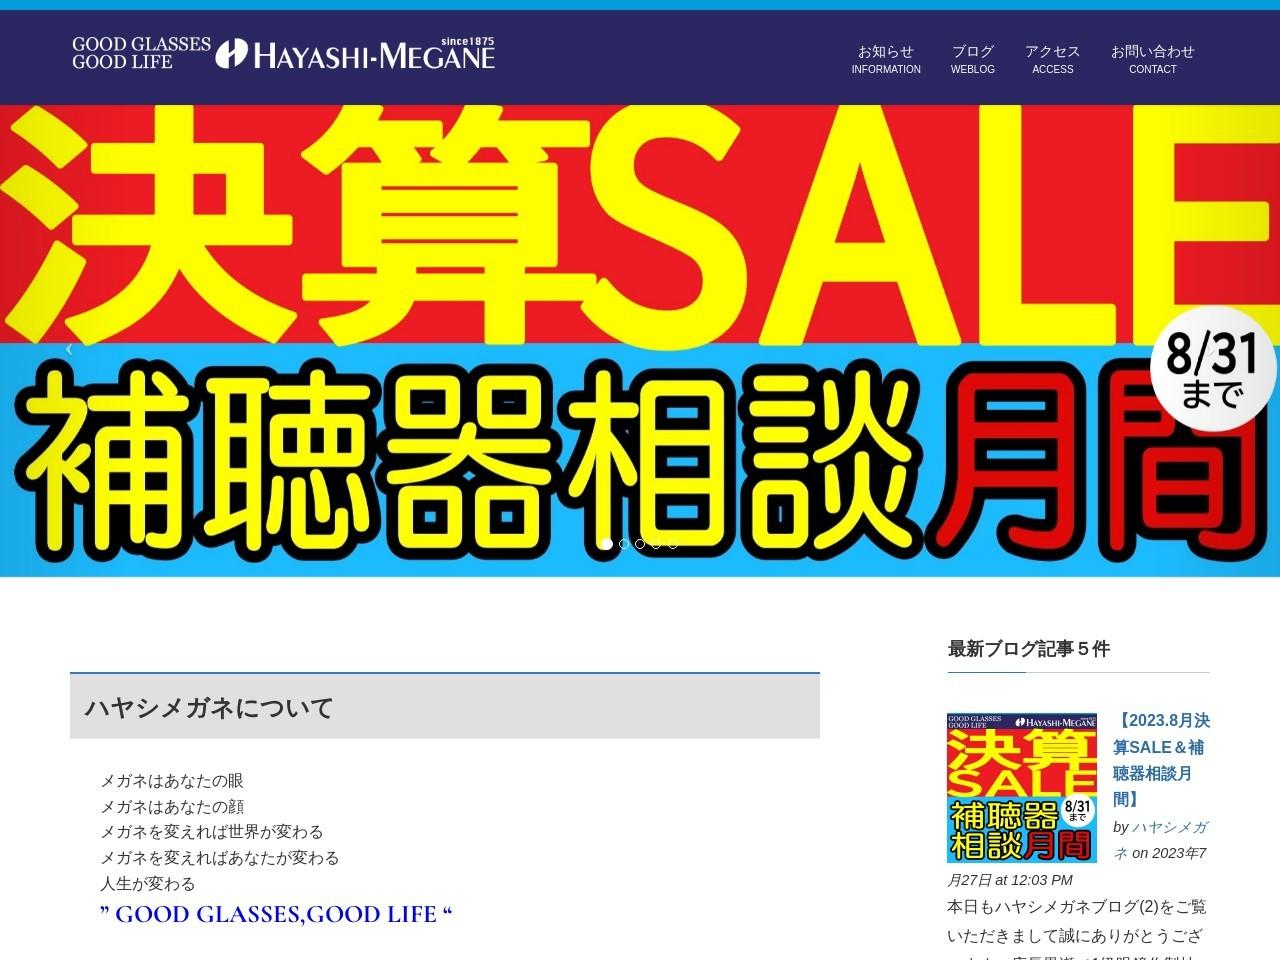 創業明治8年 山口県最大級のメガネ館 ハヤシメガネ